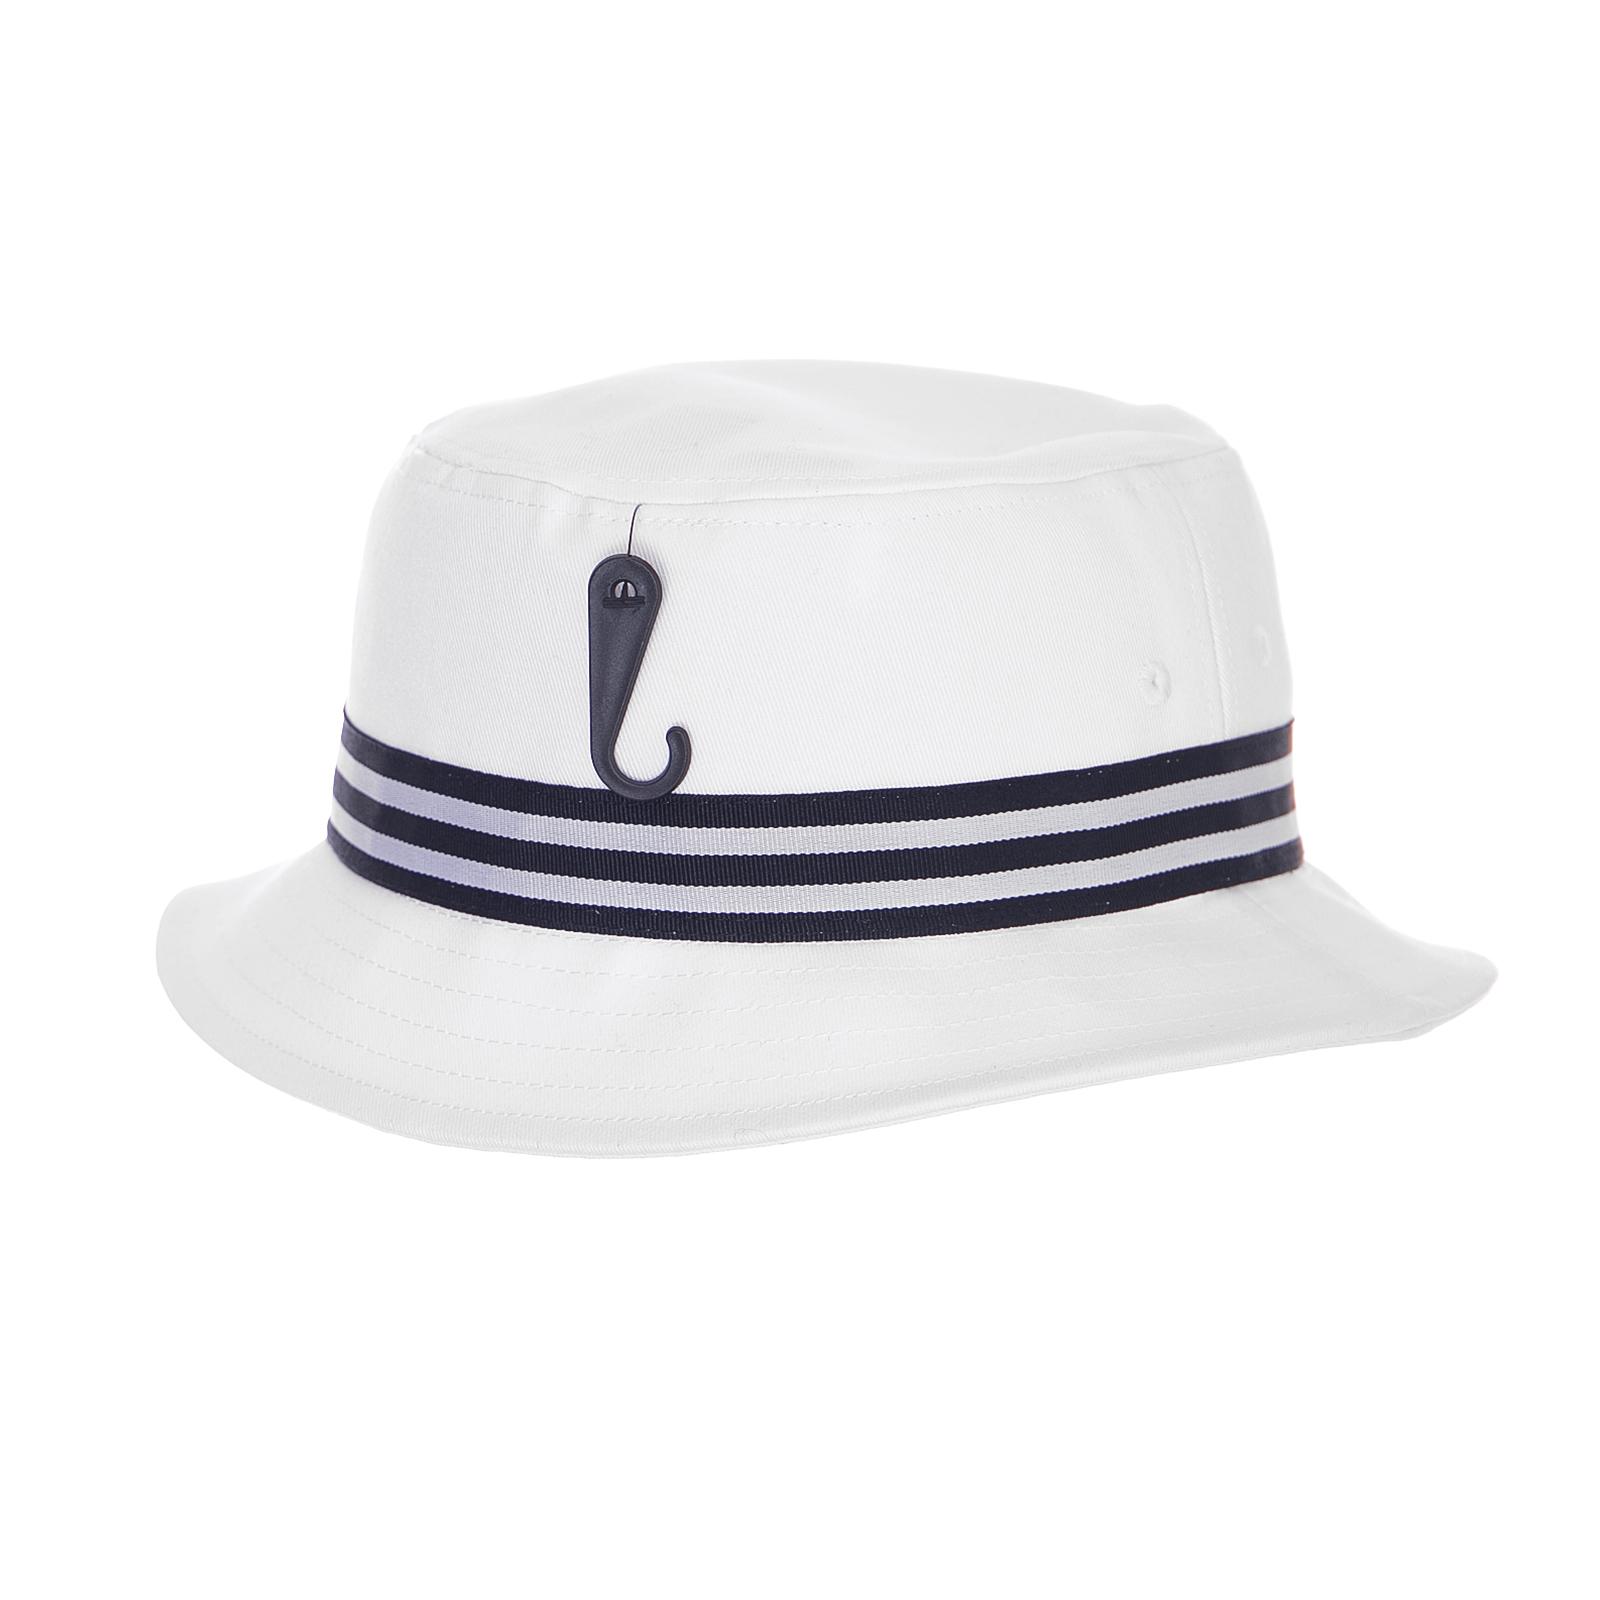 Il miglior posto nuovi prodotti per autentica di fabbrica ADIDAS CAPPELLI BUCKET Hat Ac White Black Bianco